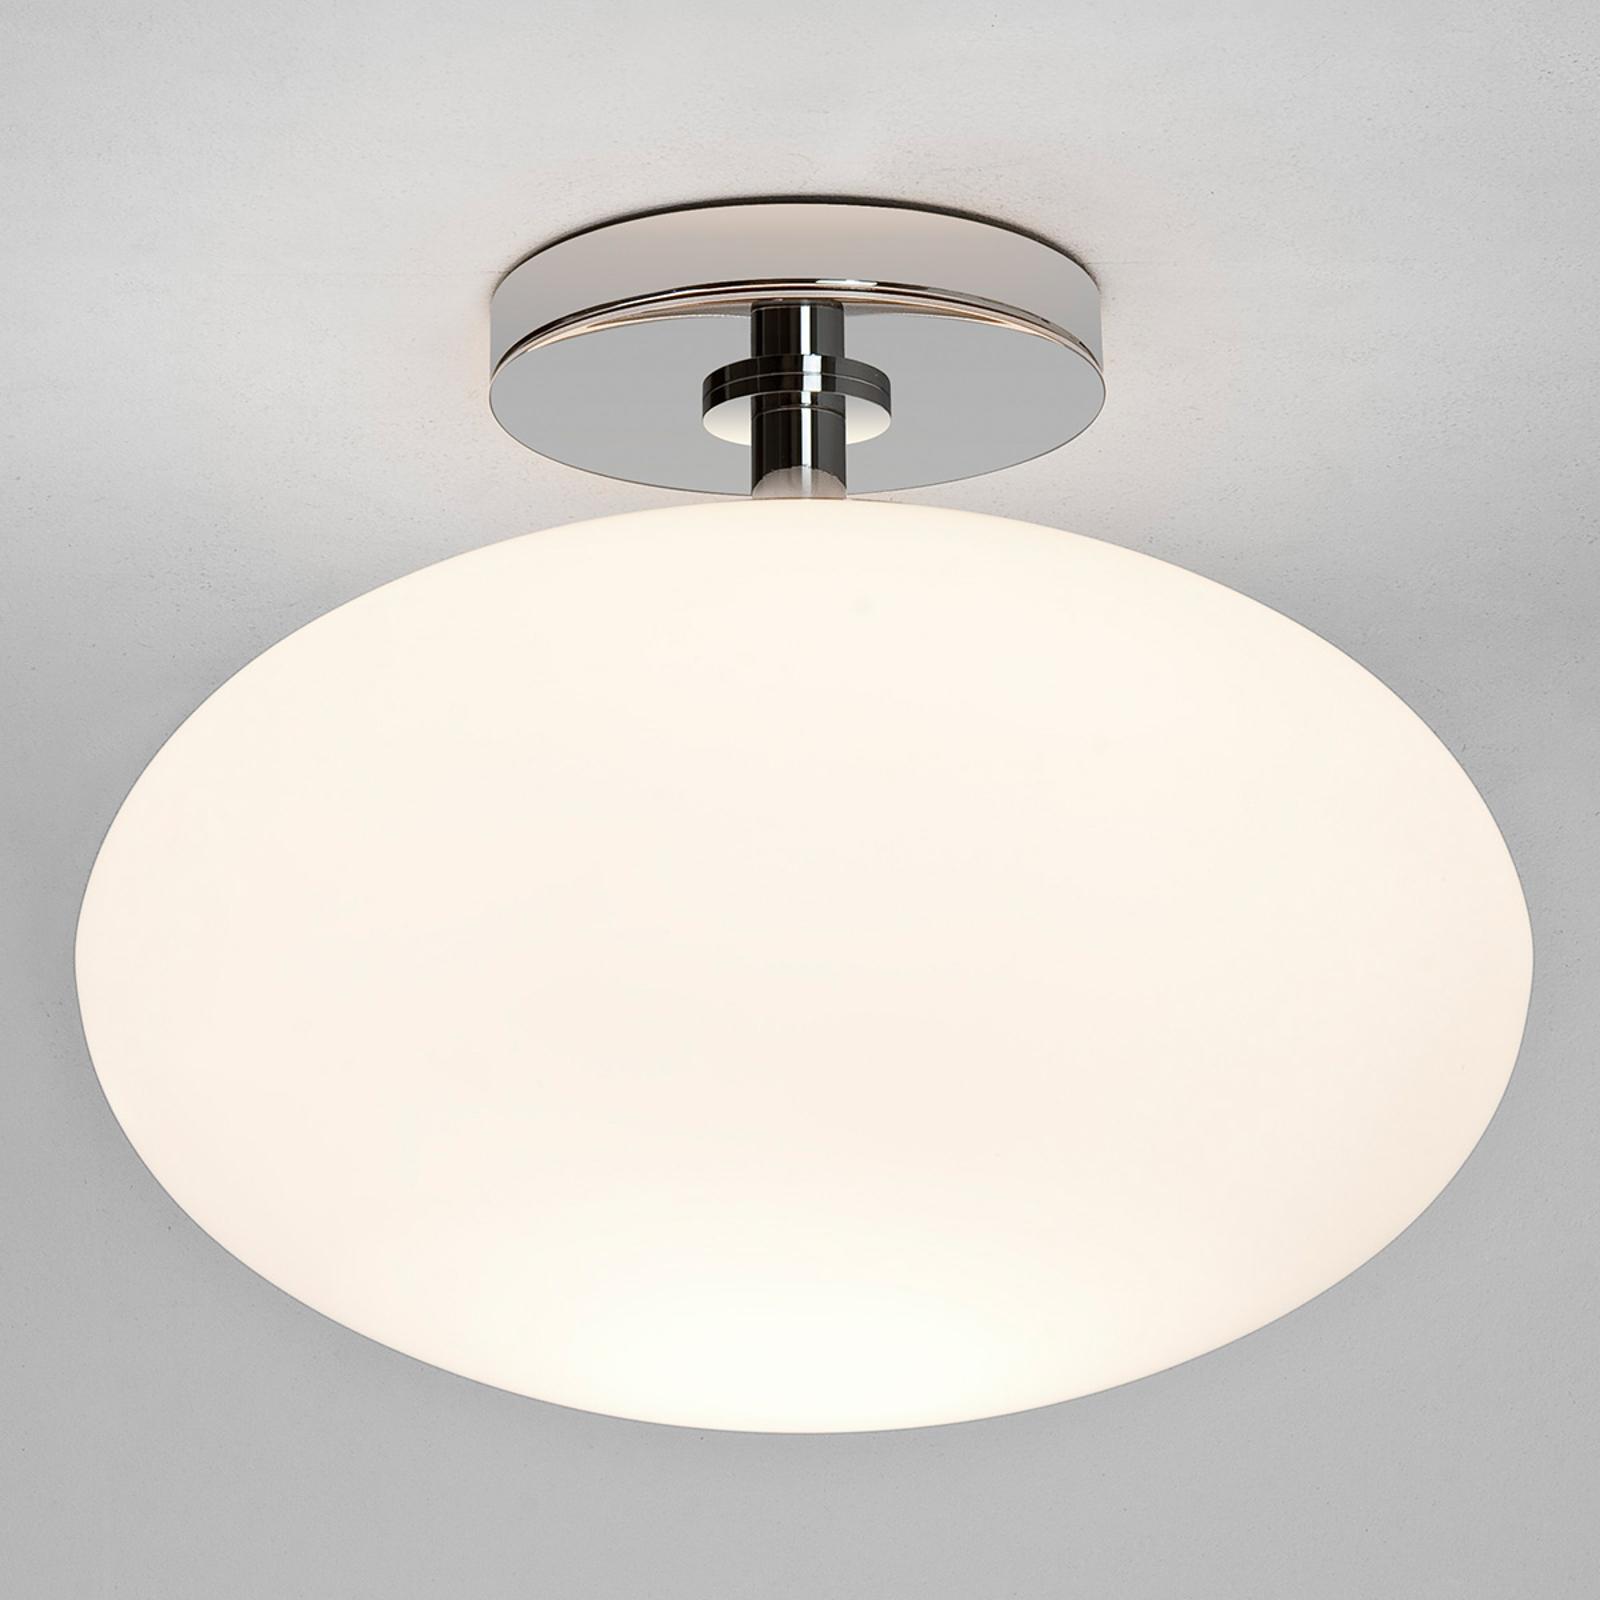 Oval Zeppo loftlampe til badeværelset